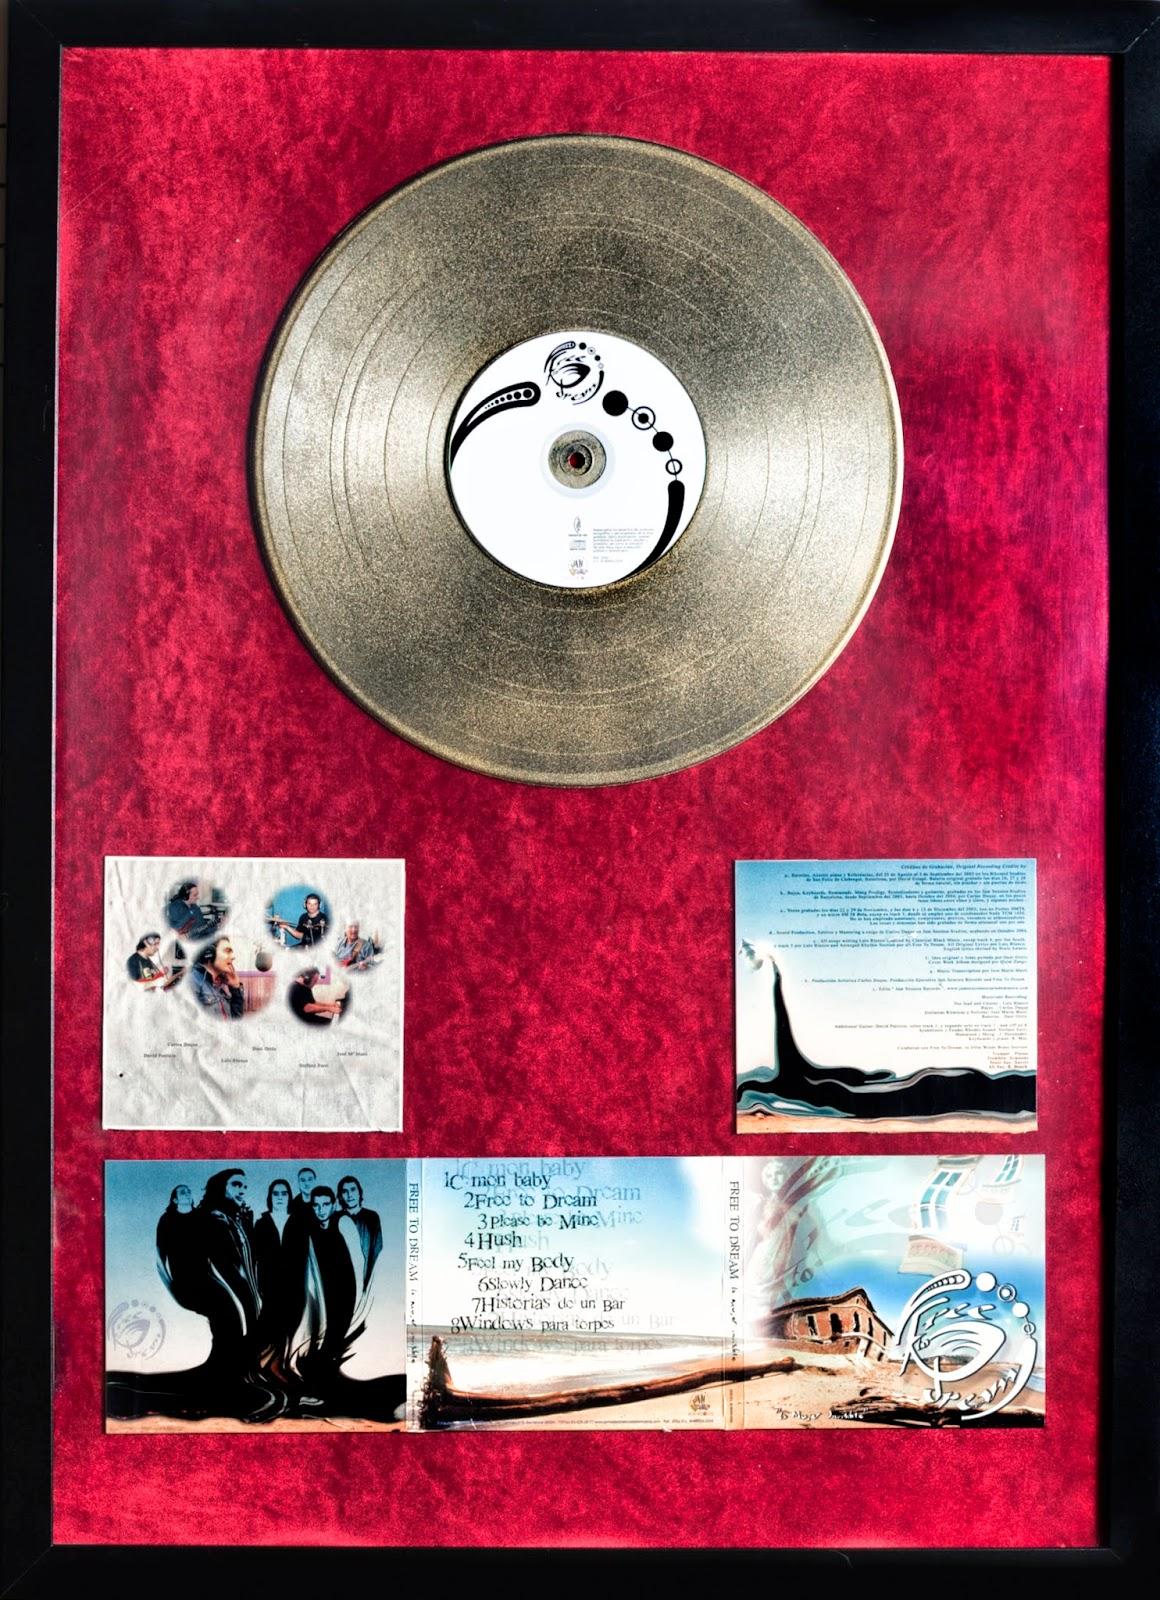 10º Aniversario del álbum